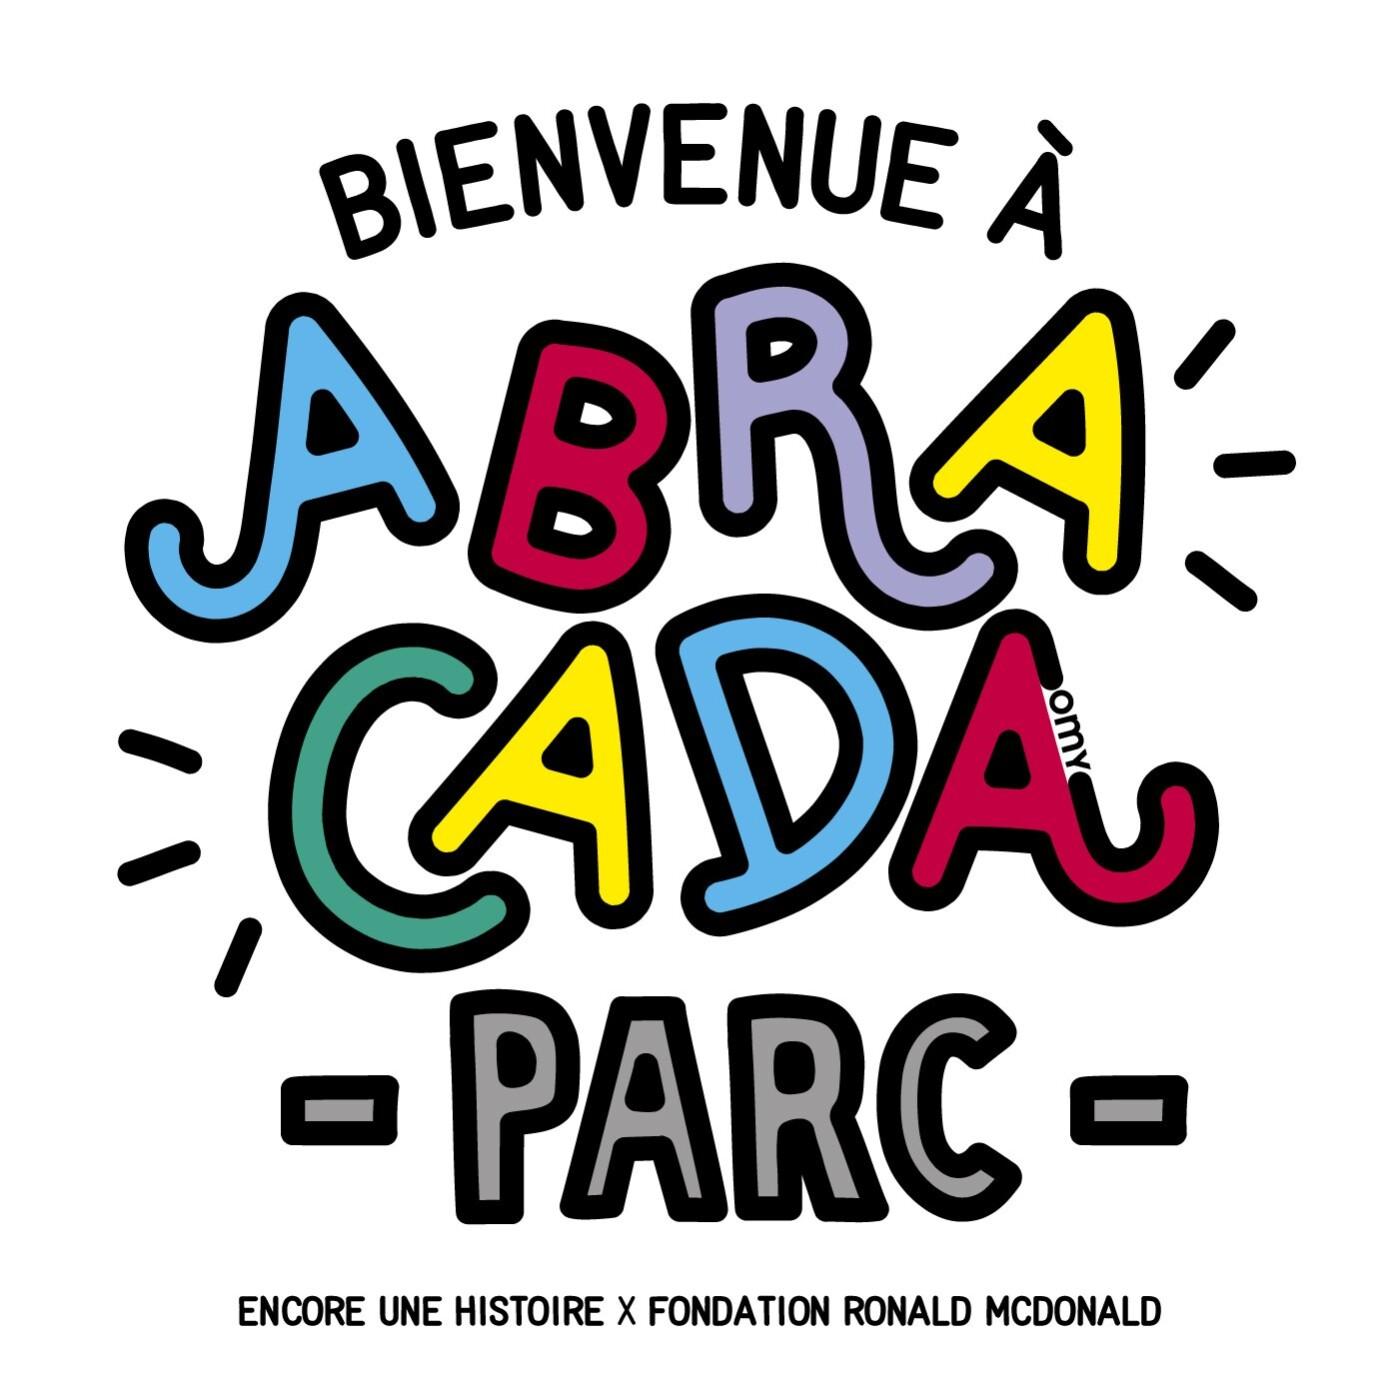 Bienvenue à AbracadaParc - épisode 3